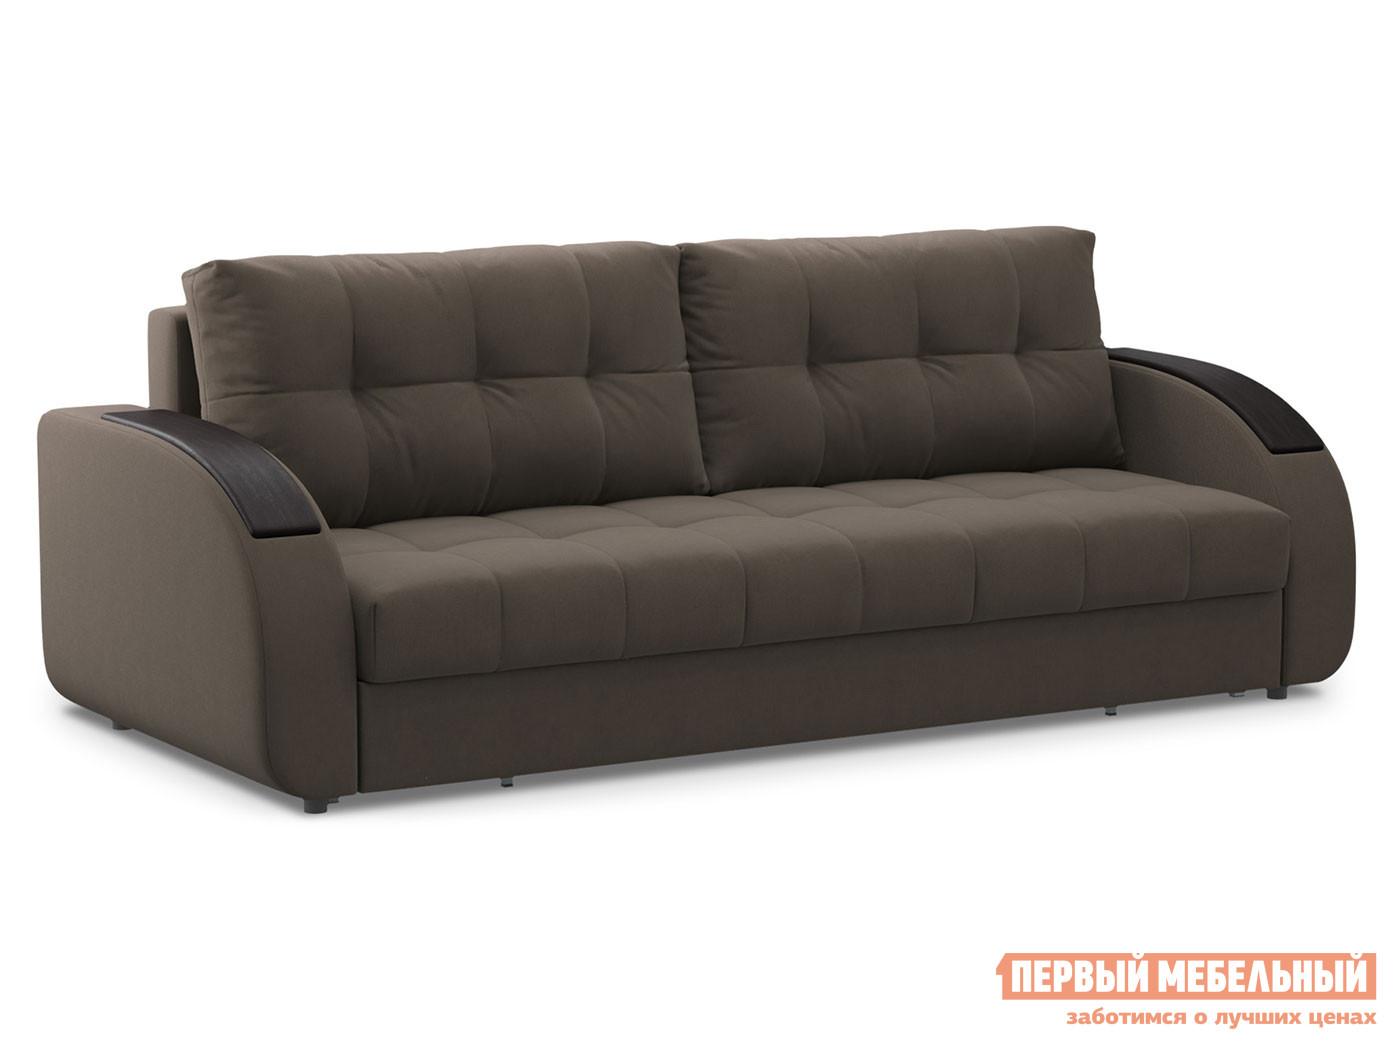 Прямой диван  Долар / Люкс Коричневый, велюр, Независимый пружинный блок Живые диваны 117779